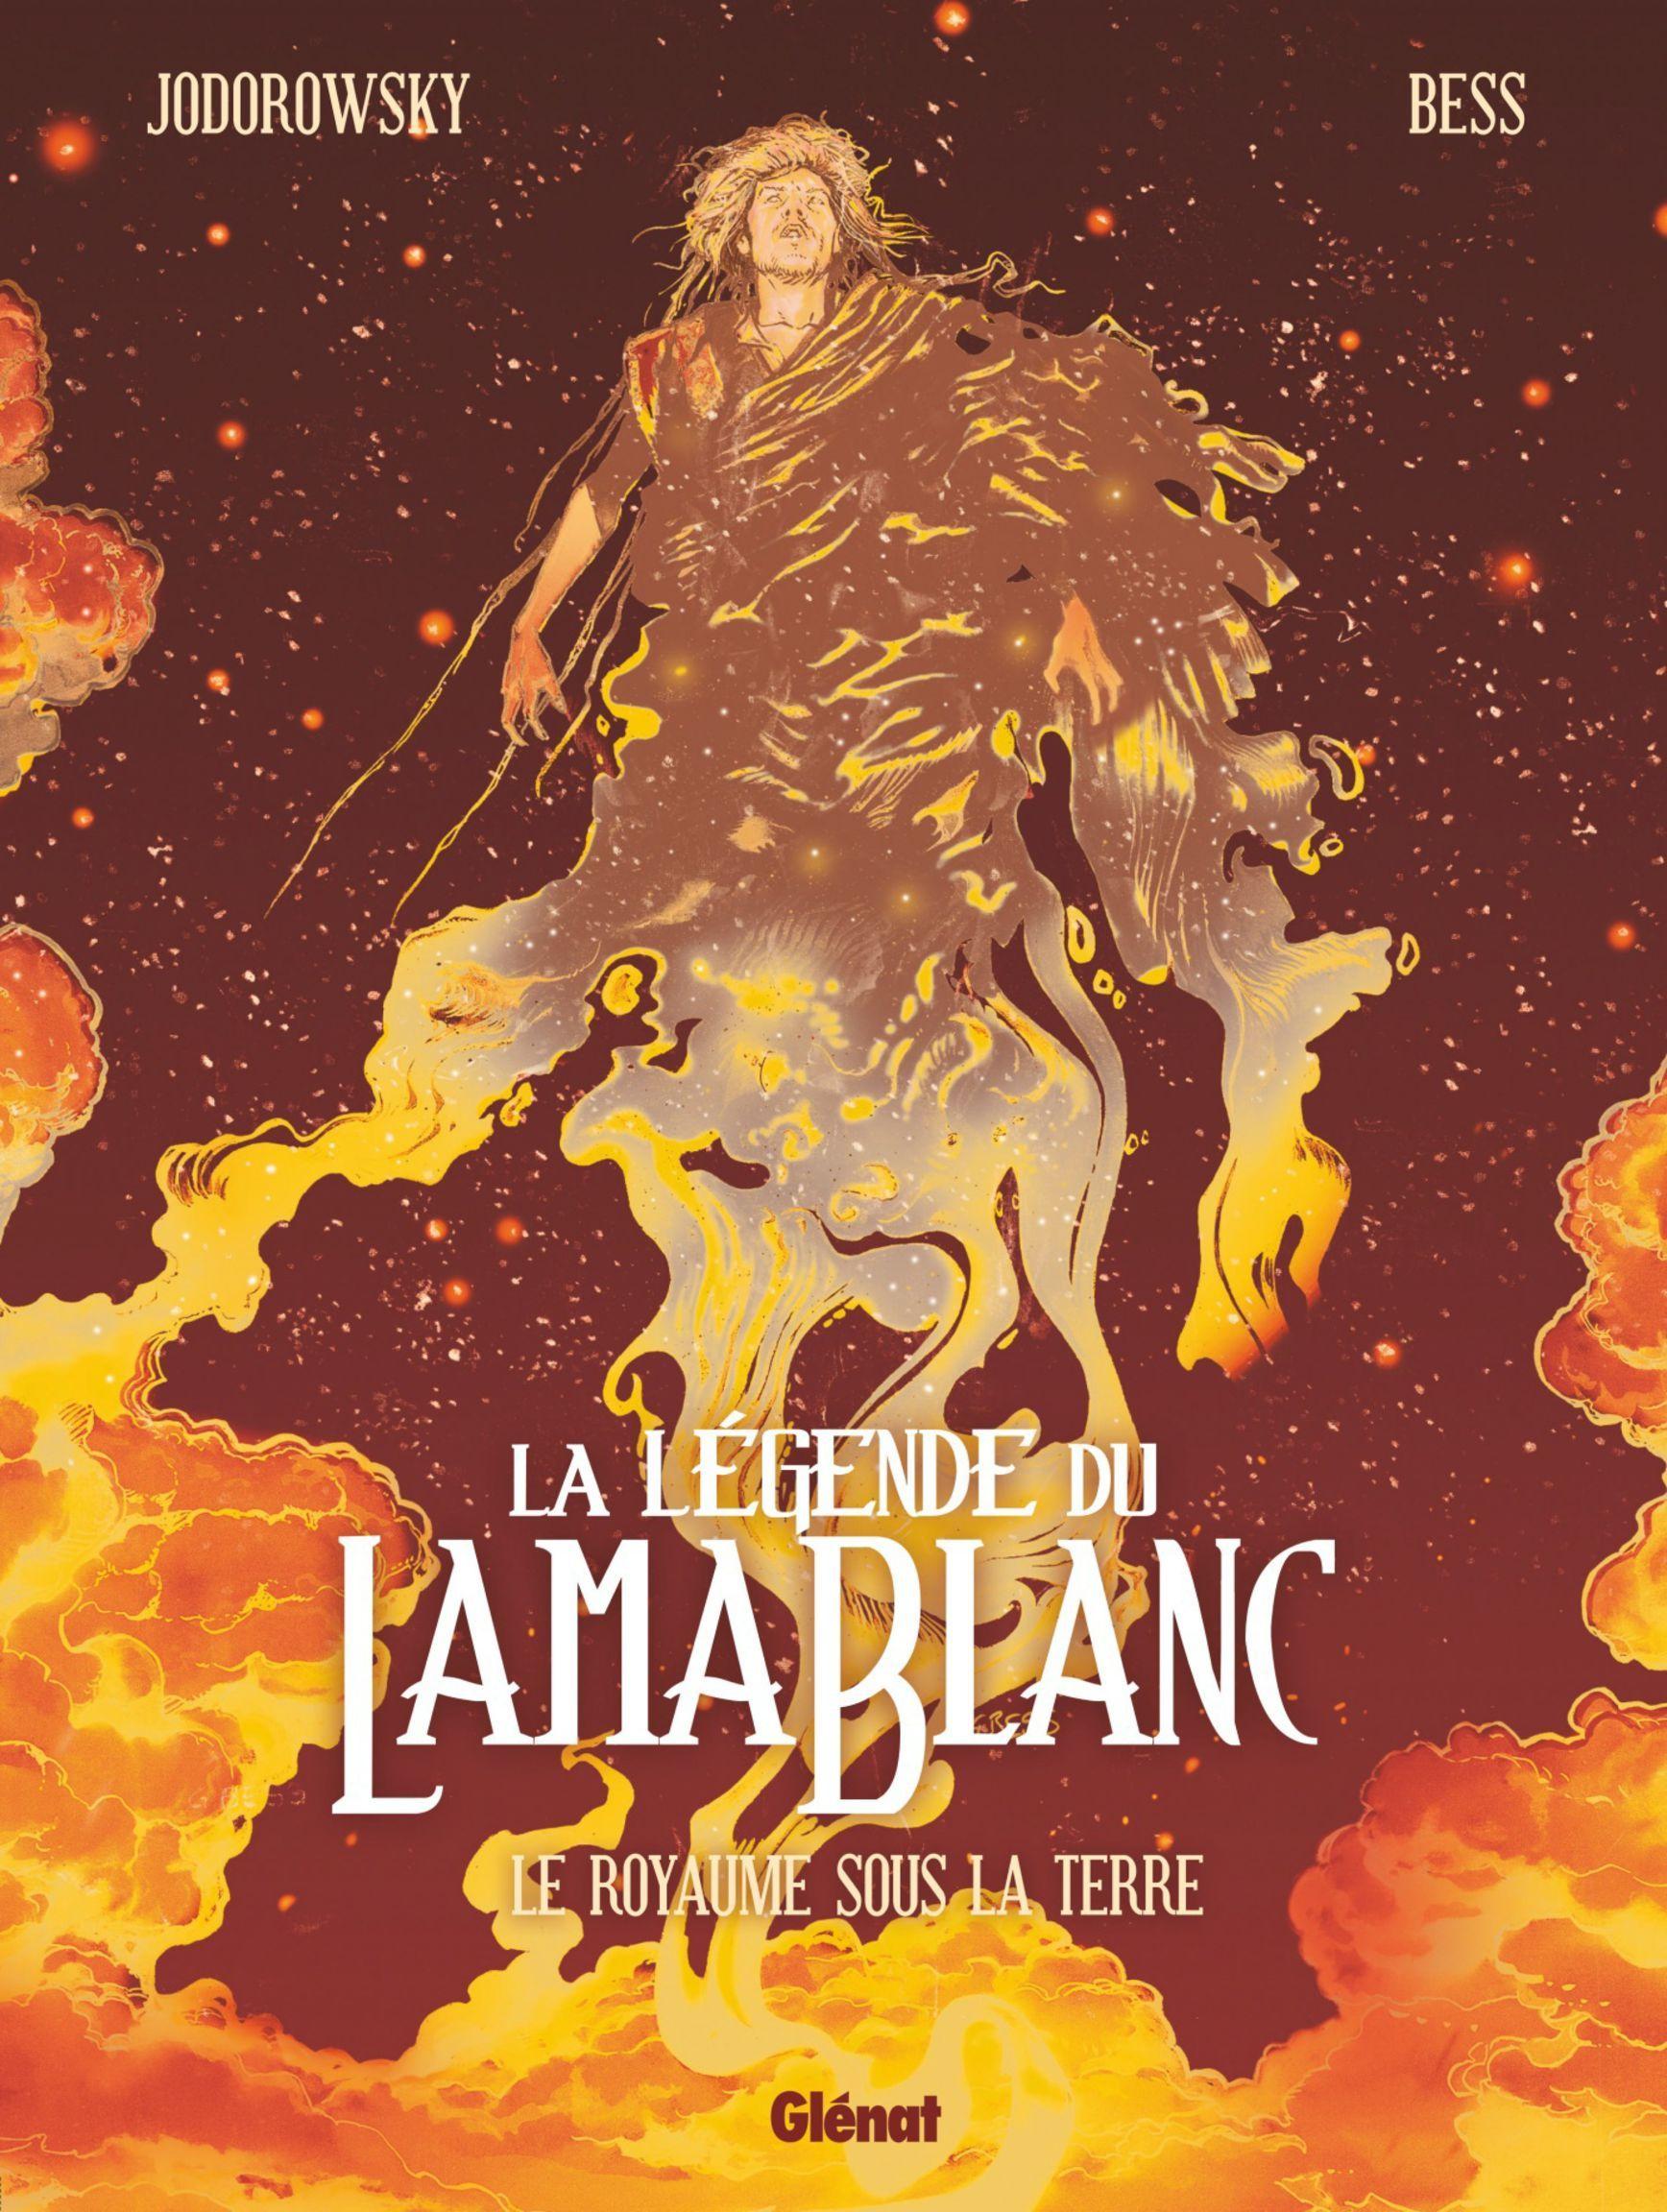 """""""Conclusion d'une saga fantastique, sauvage et poétique...""""  Dans son temple au sommet de l'Himalaya, l'esprit de Gabriel le lama blanc vient annoncer une grande nouvelle à ses fidèles: le tyran Chuan-Lao a été assassiné! Pour autant, le cauchemar n'est pas fini..."""